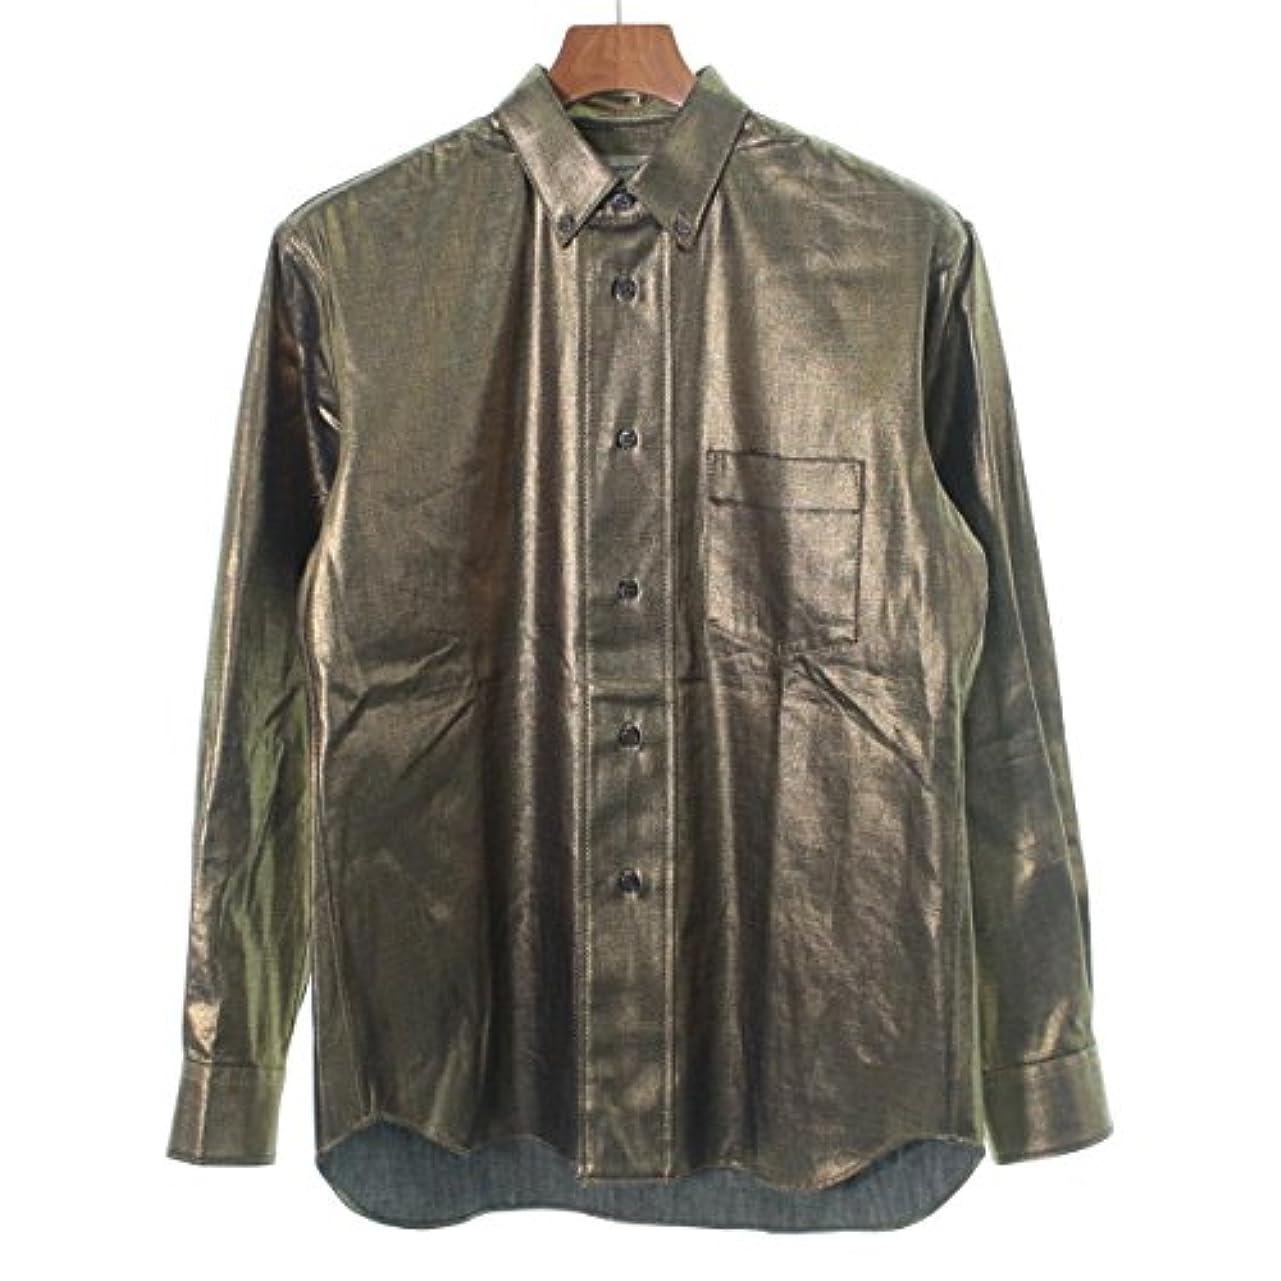 さようなら日付名前を作る(コムデギャルソンシャツ) COMME des GARCONS SHIRT メンズ シャツ 中古